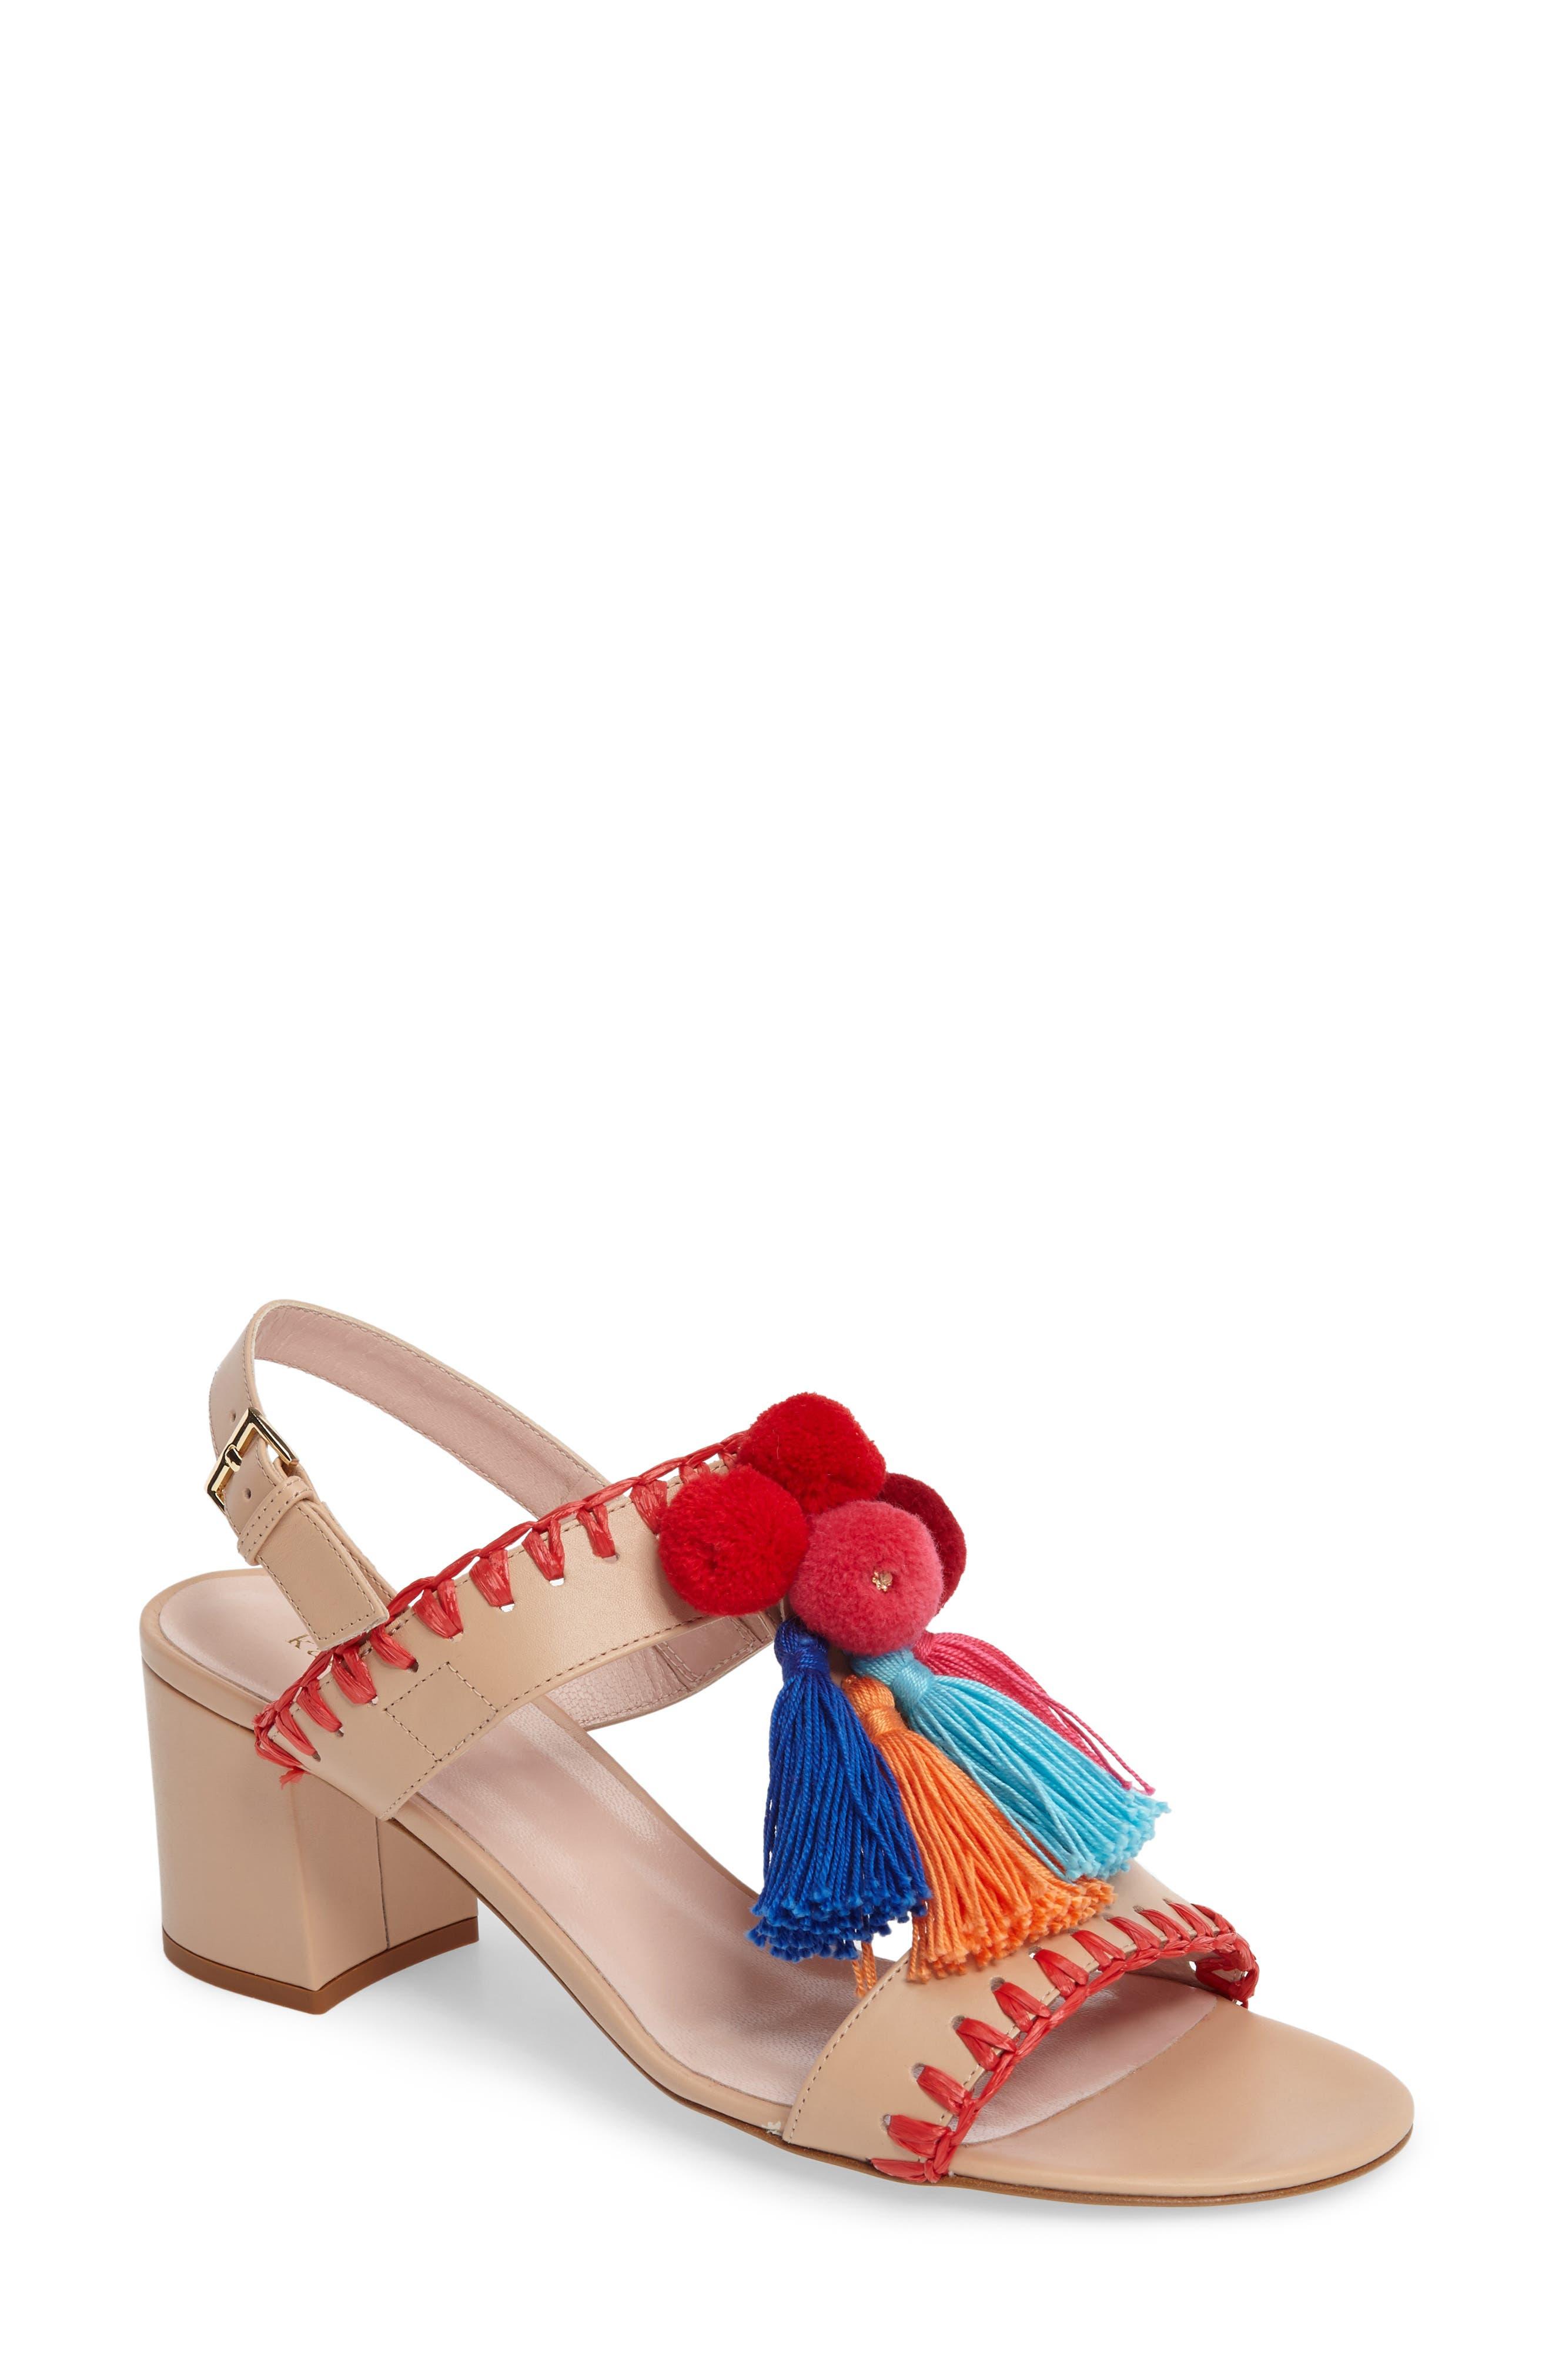 mcdougal pom tassel sandal,                             Main thumbnail 1, color,                             278